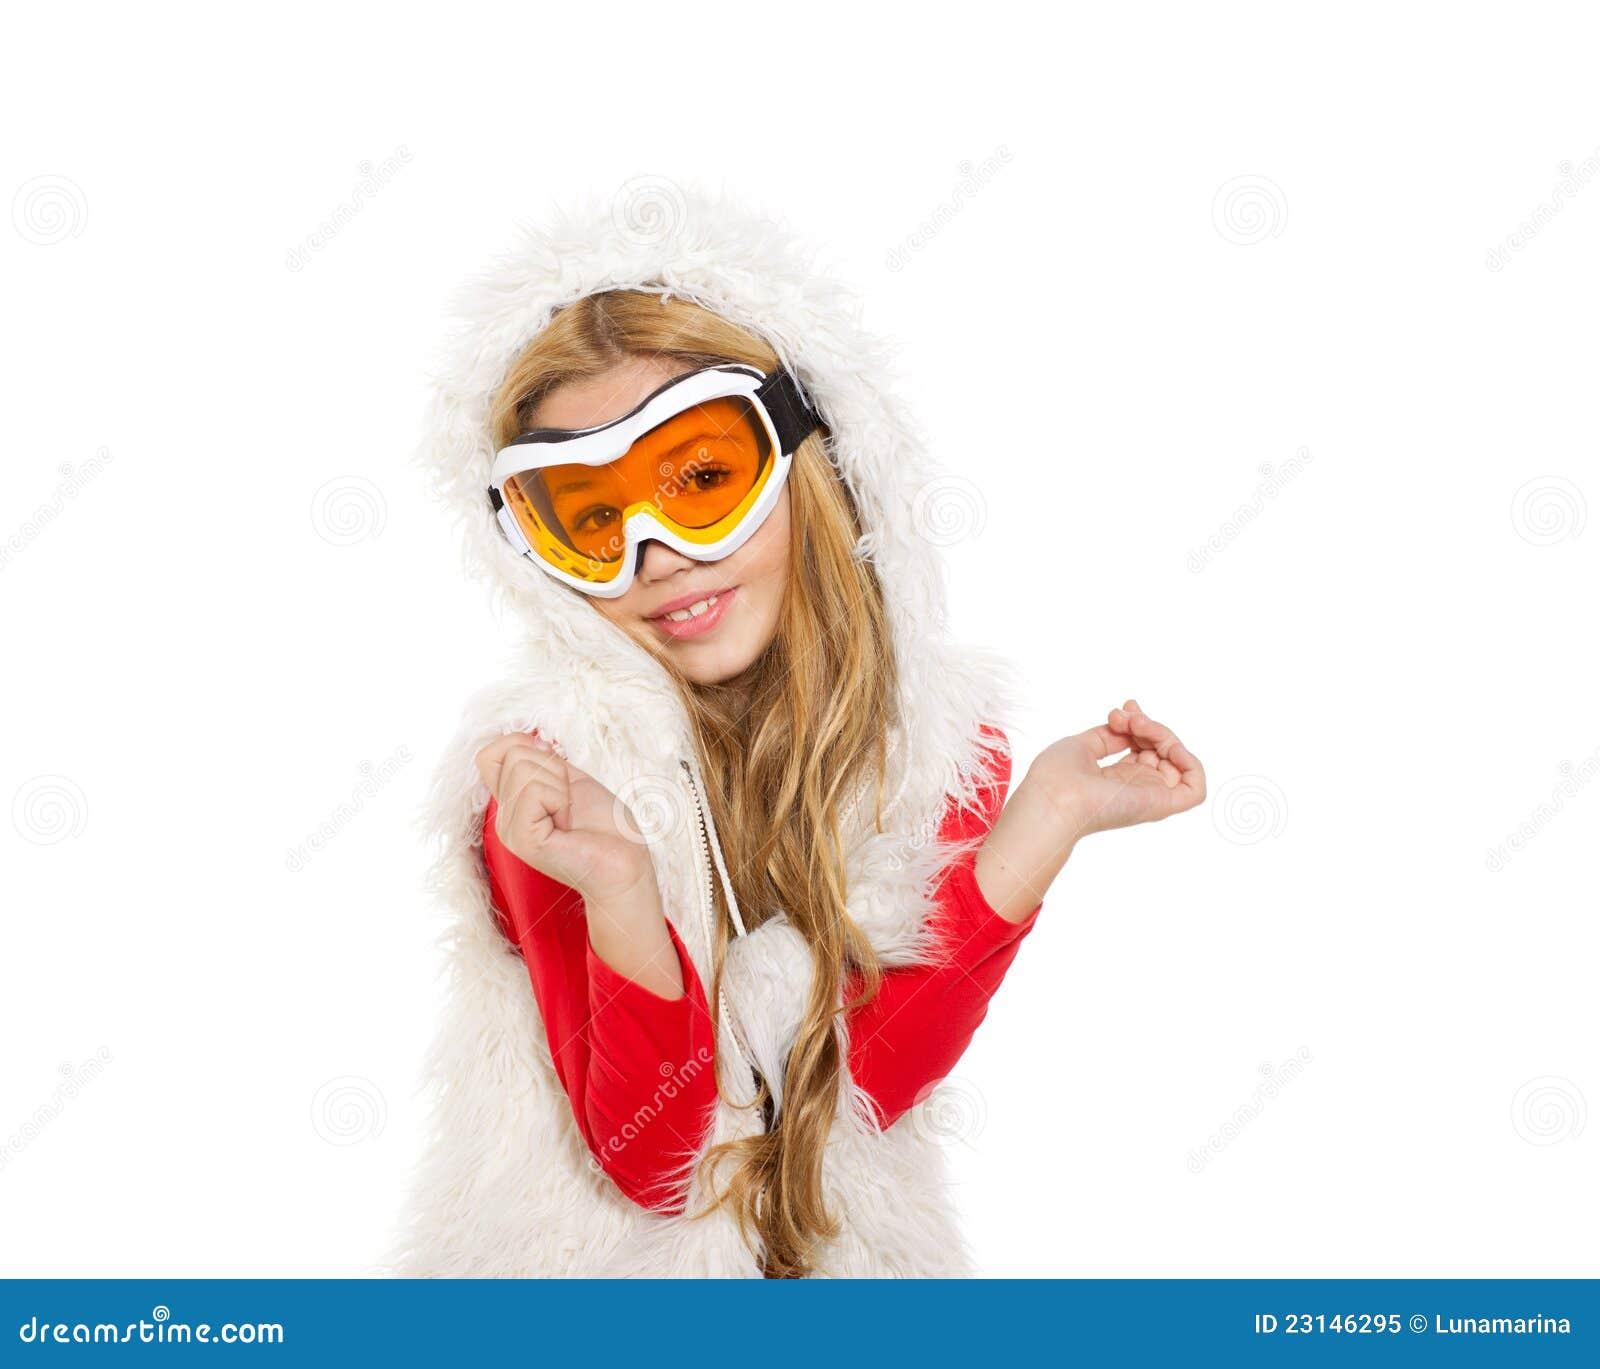 kid girl snow winter glasses white fur 23146295